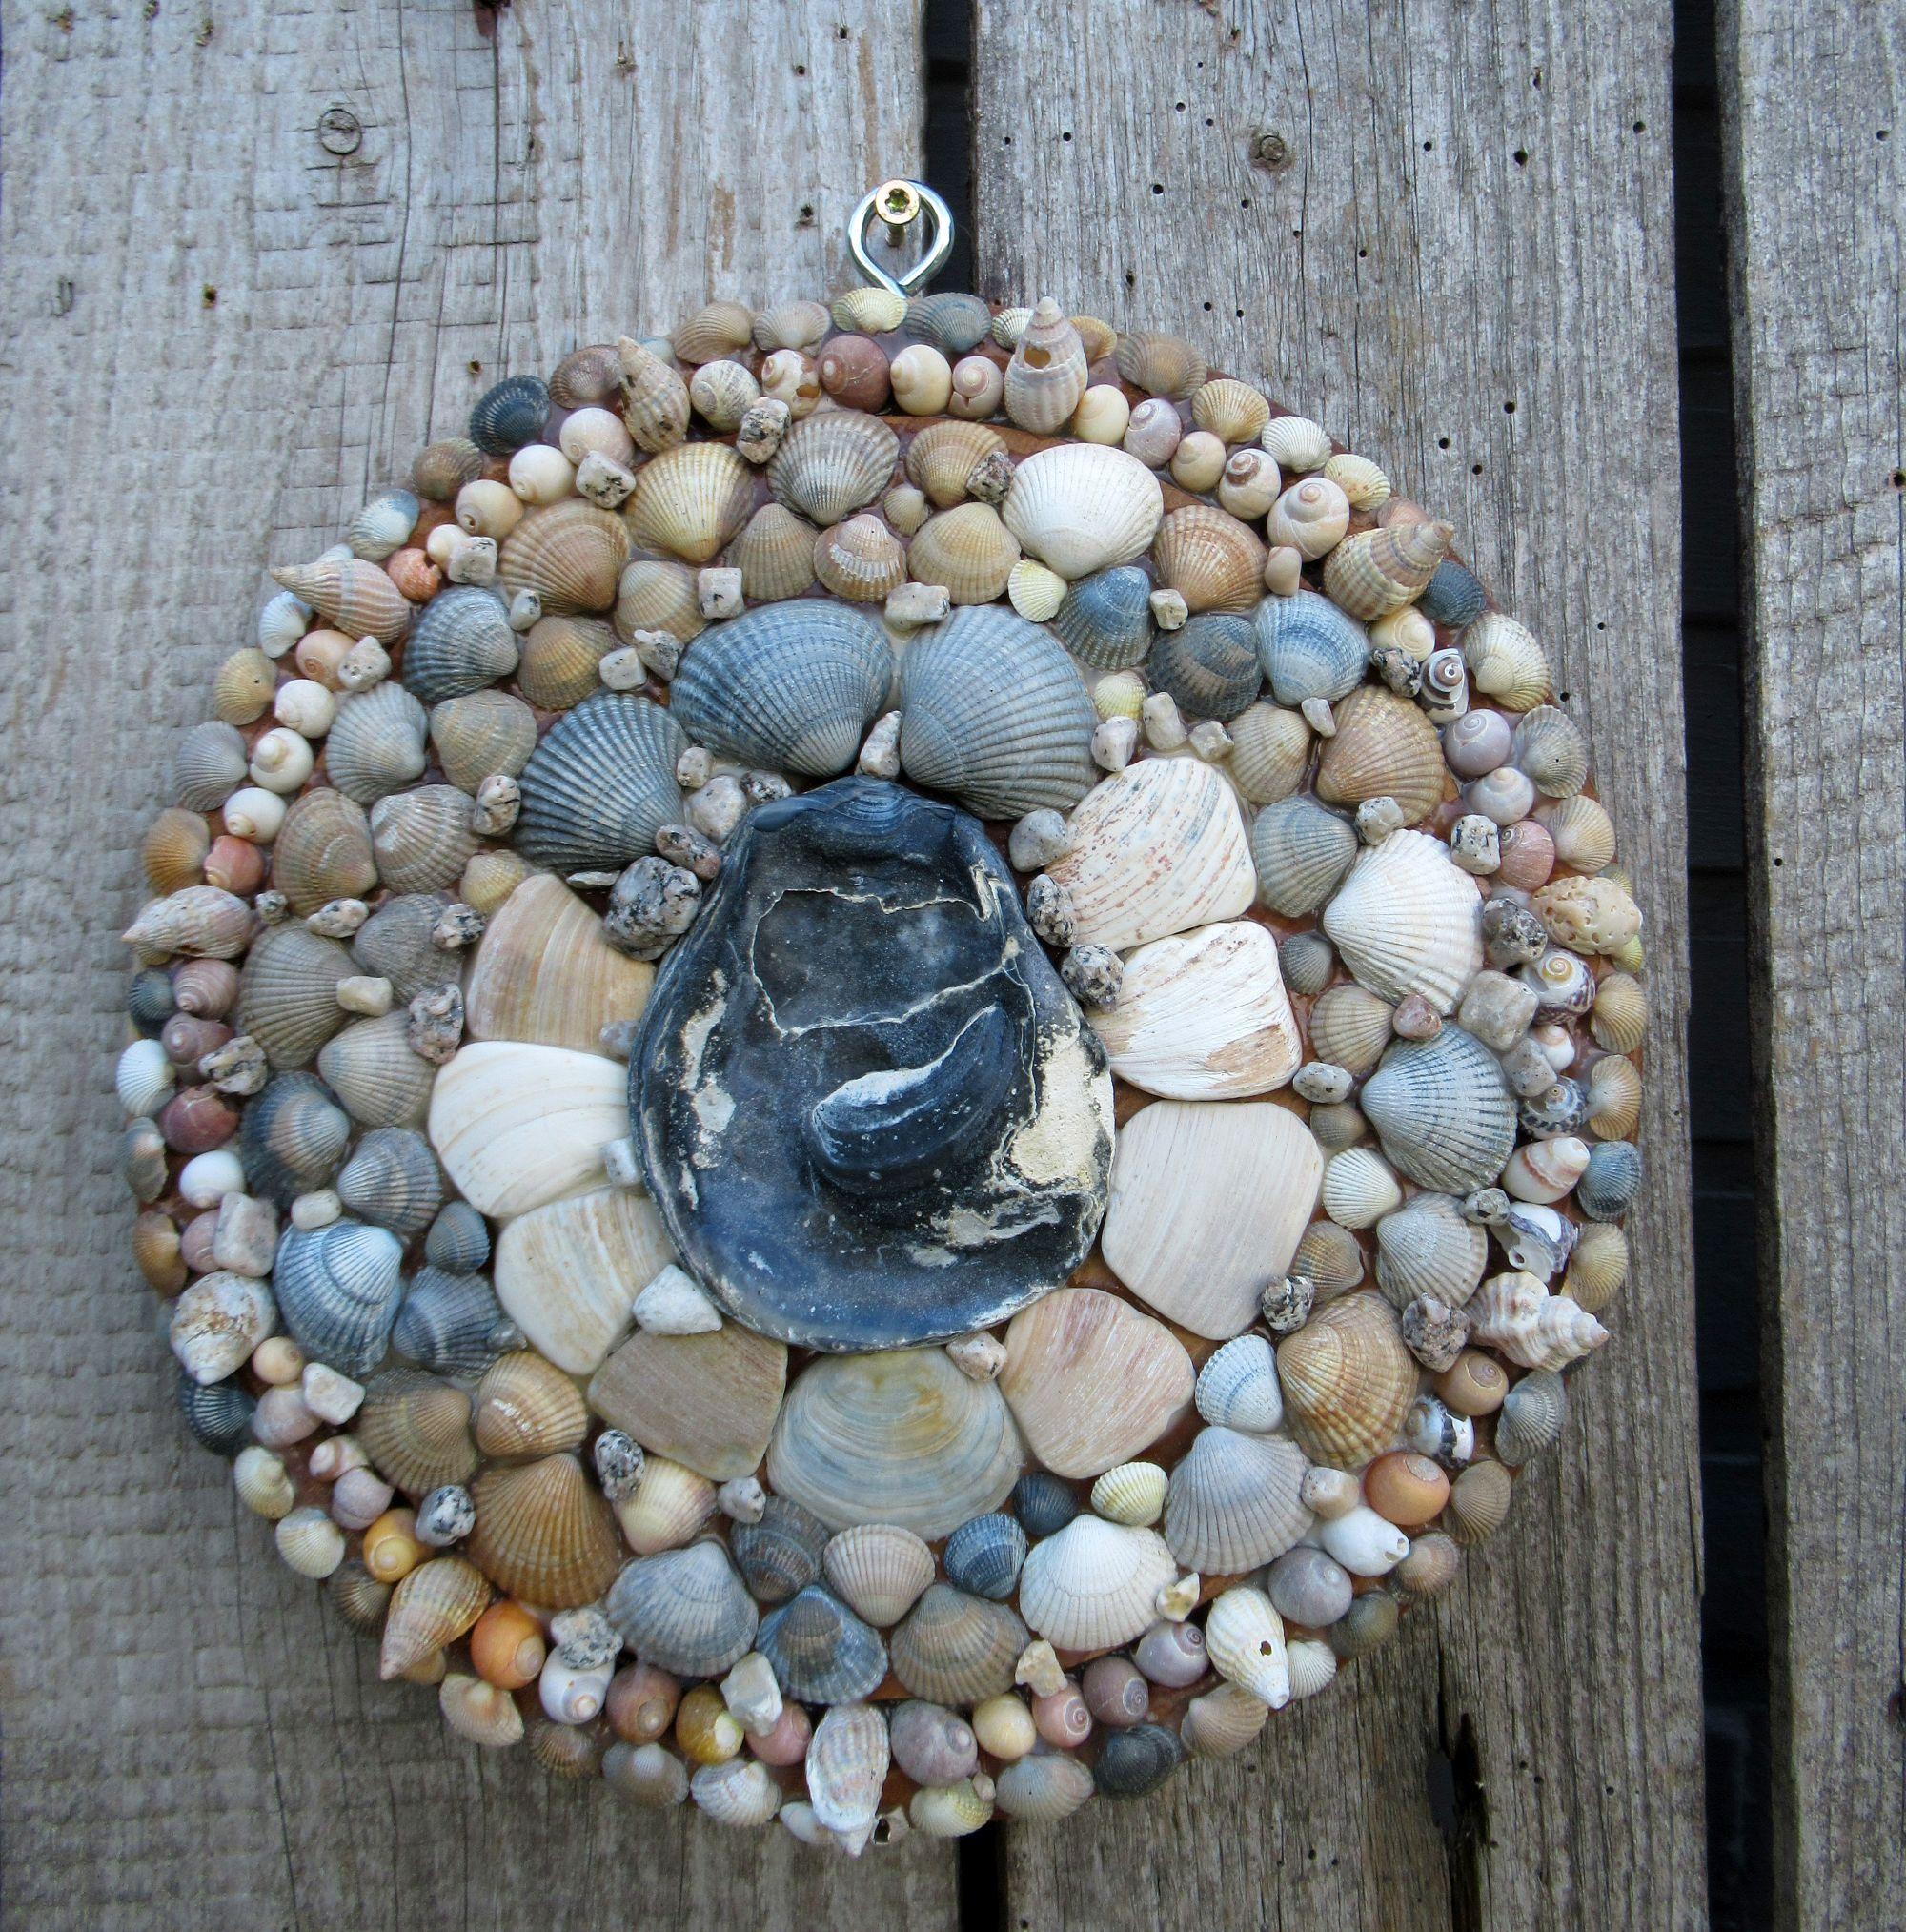 Mandala aus Muscheln auf ein Holzbrett geklebt